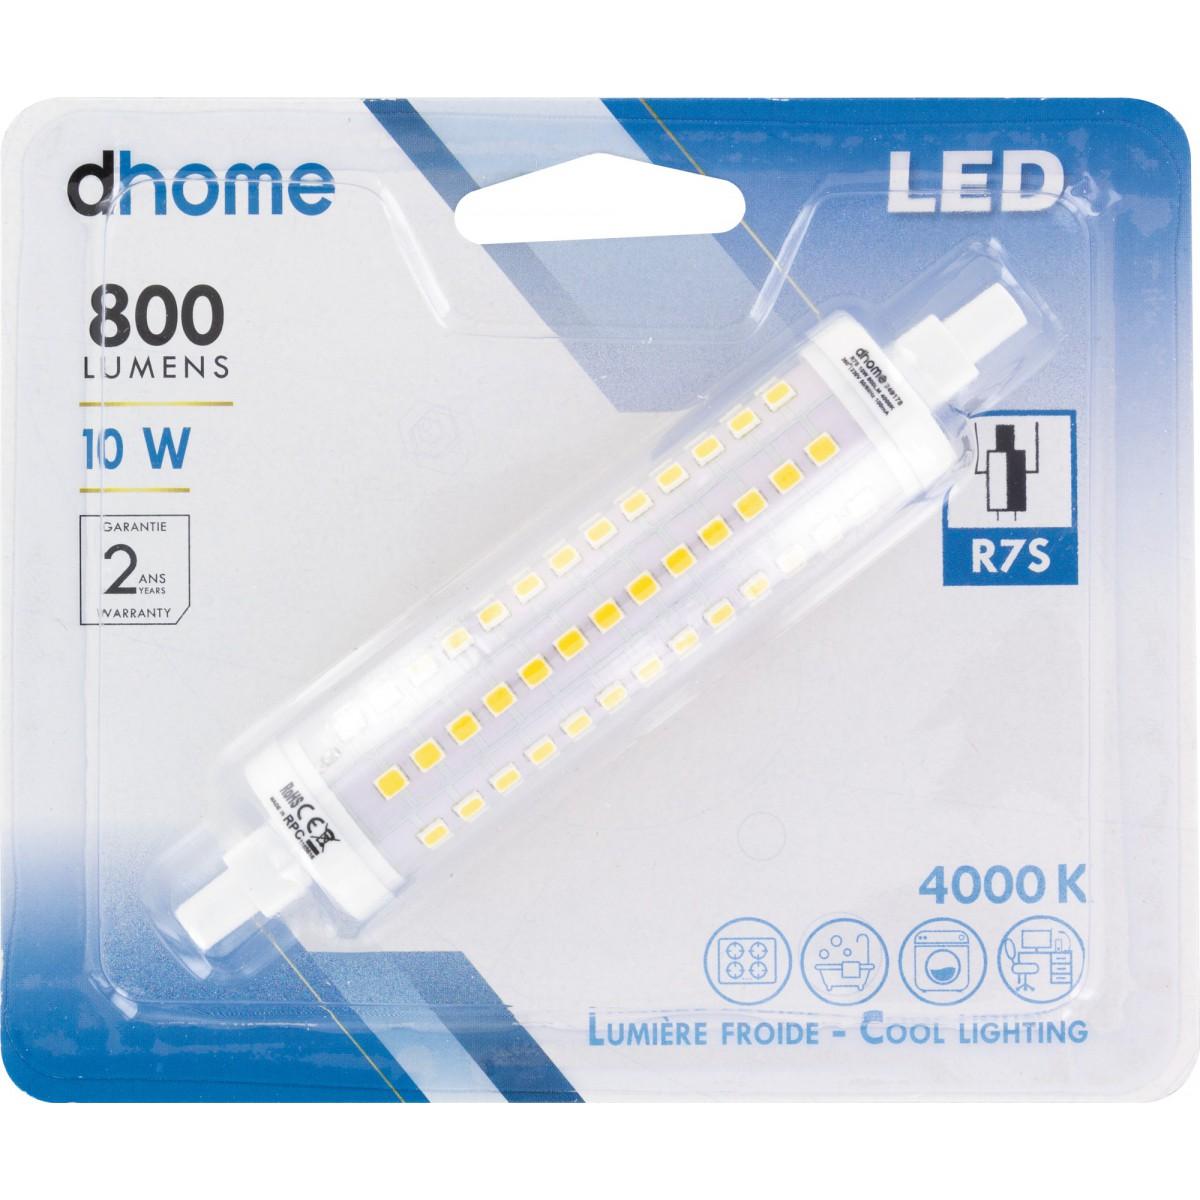 Ampoule LED crayon R7S dhome - 800 Lumens - 10 W - 4000 K